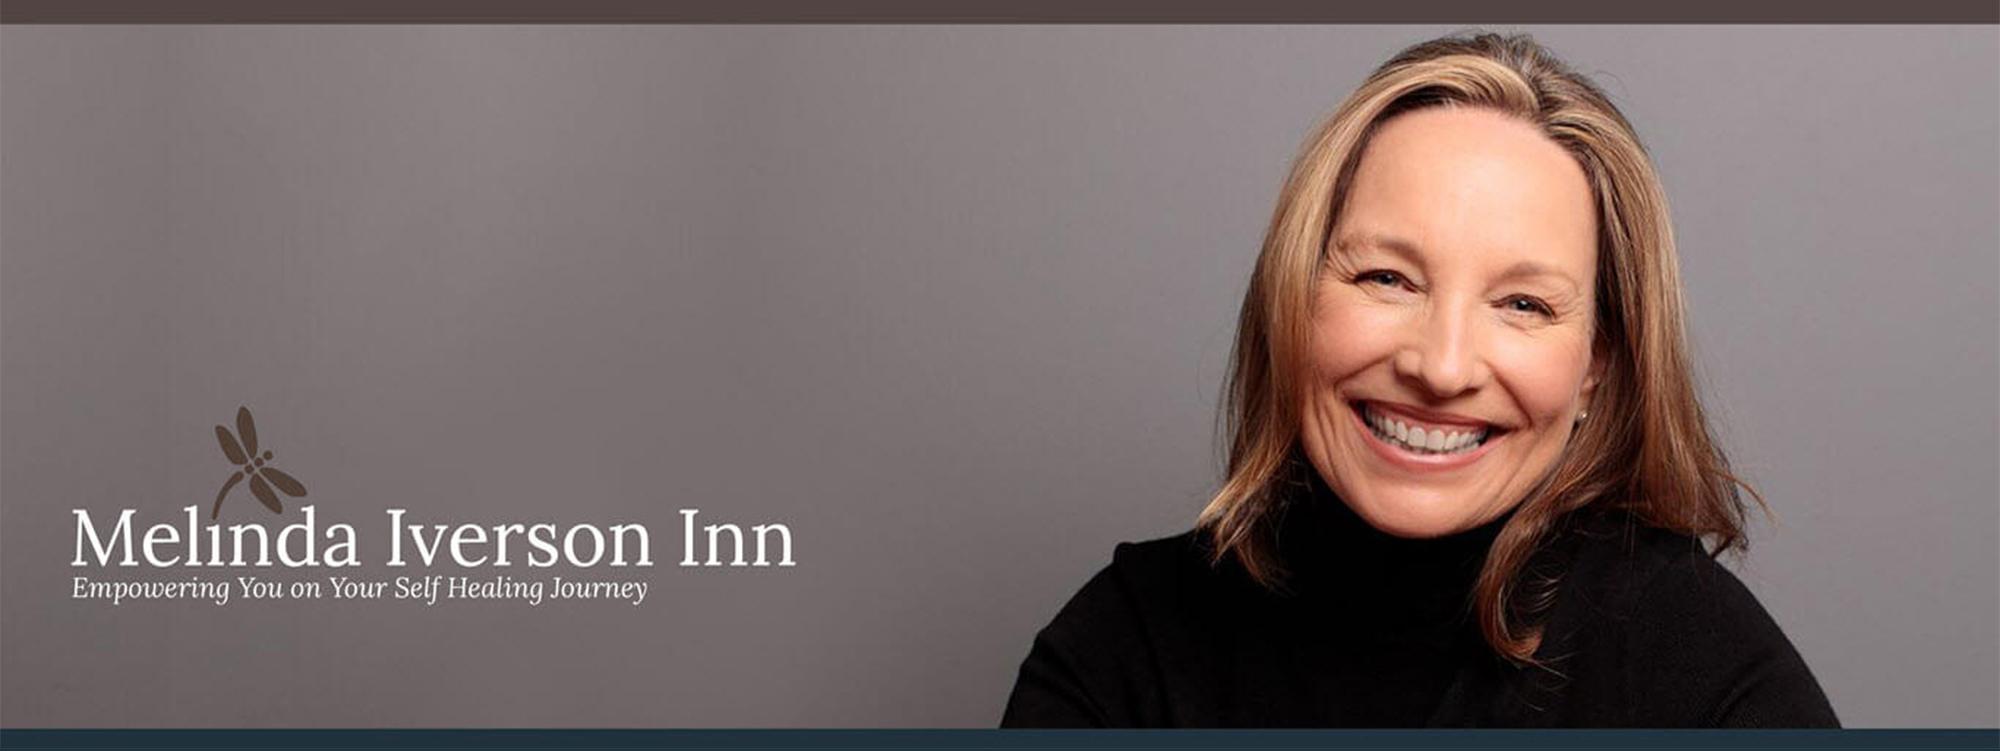 Melinda Iverson Inn